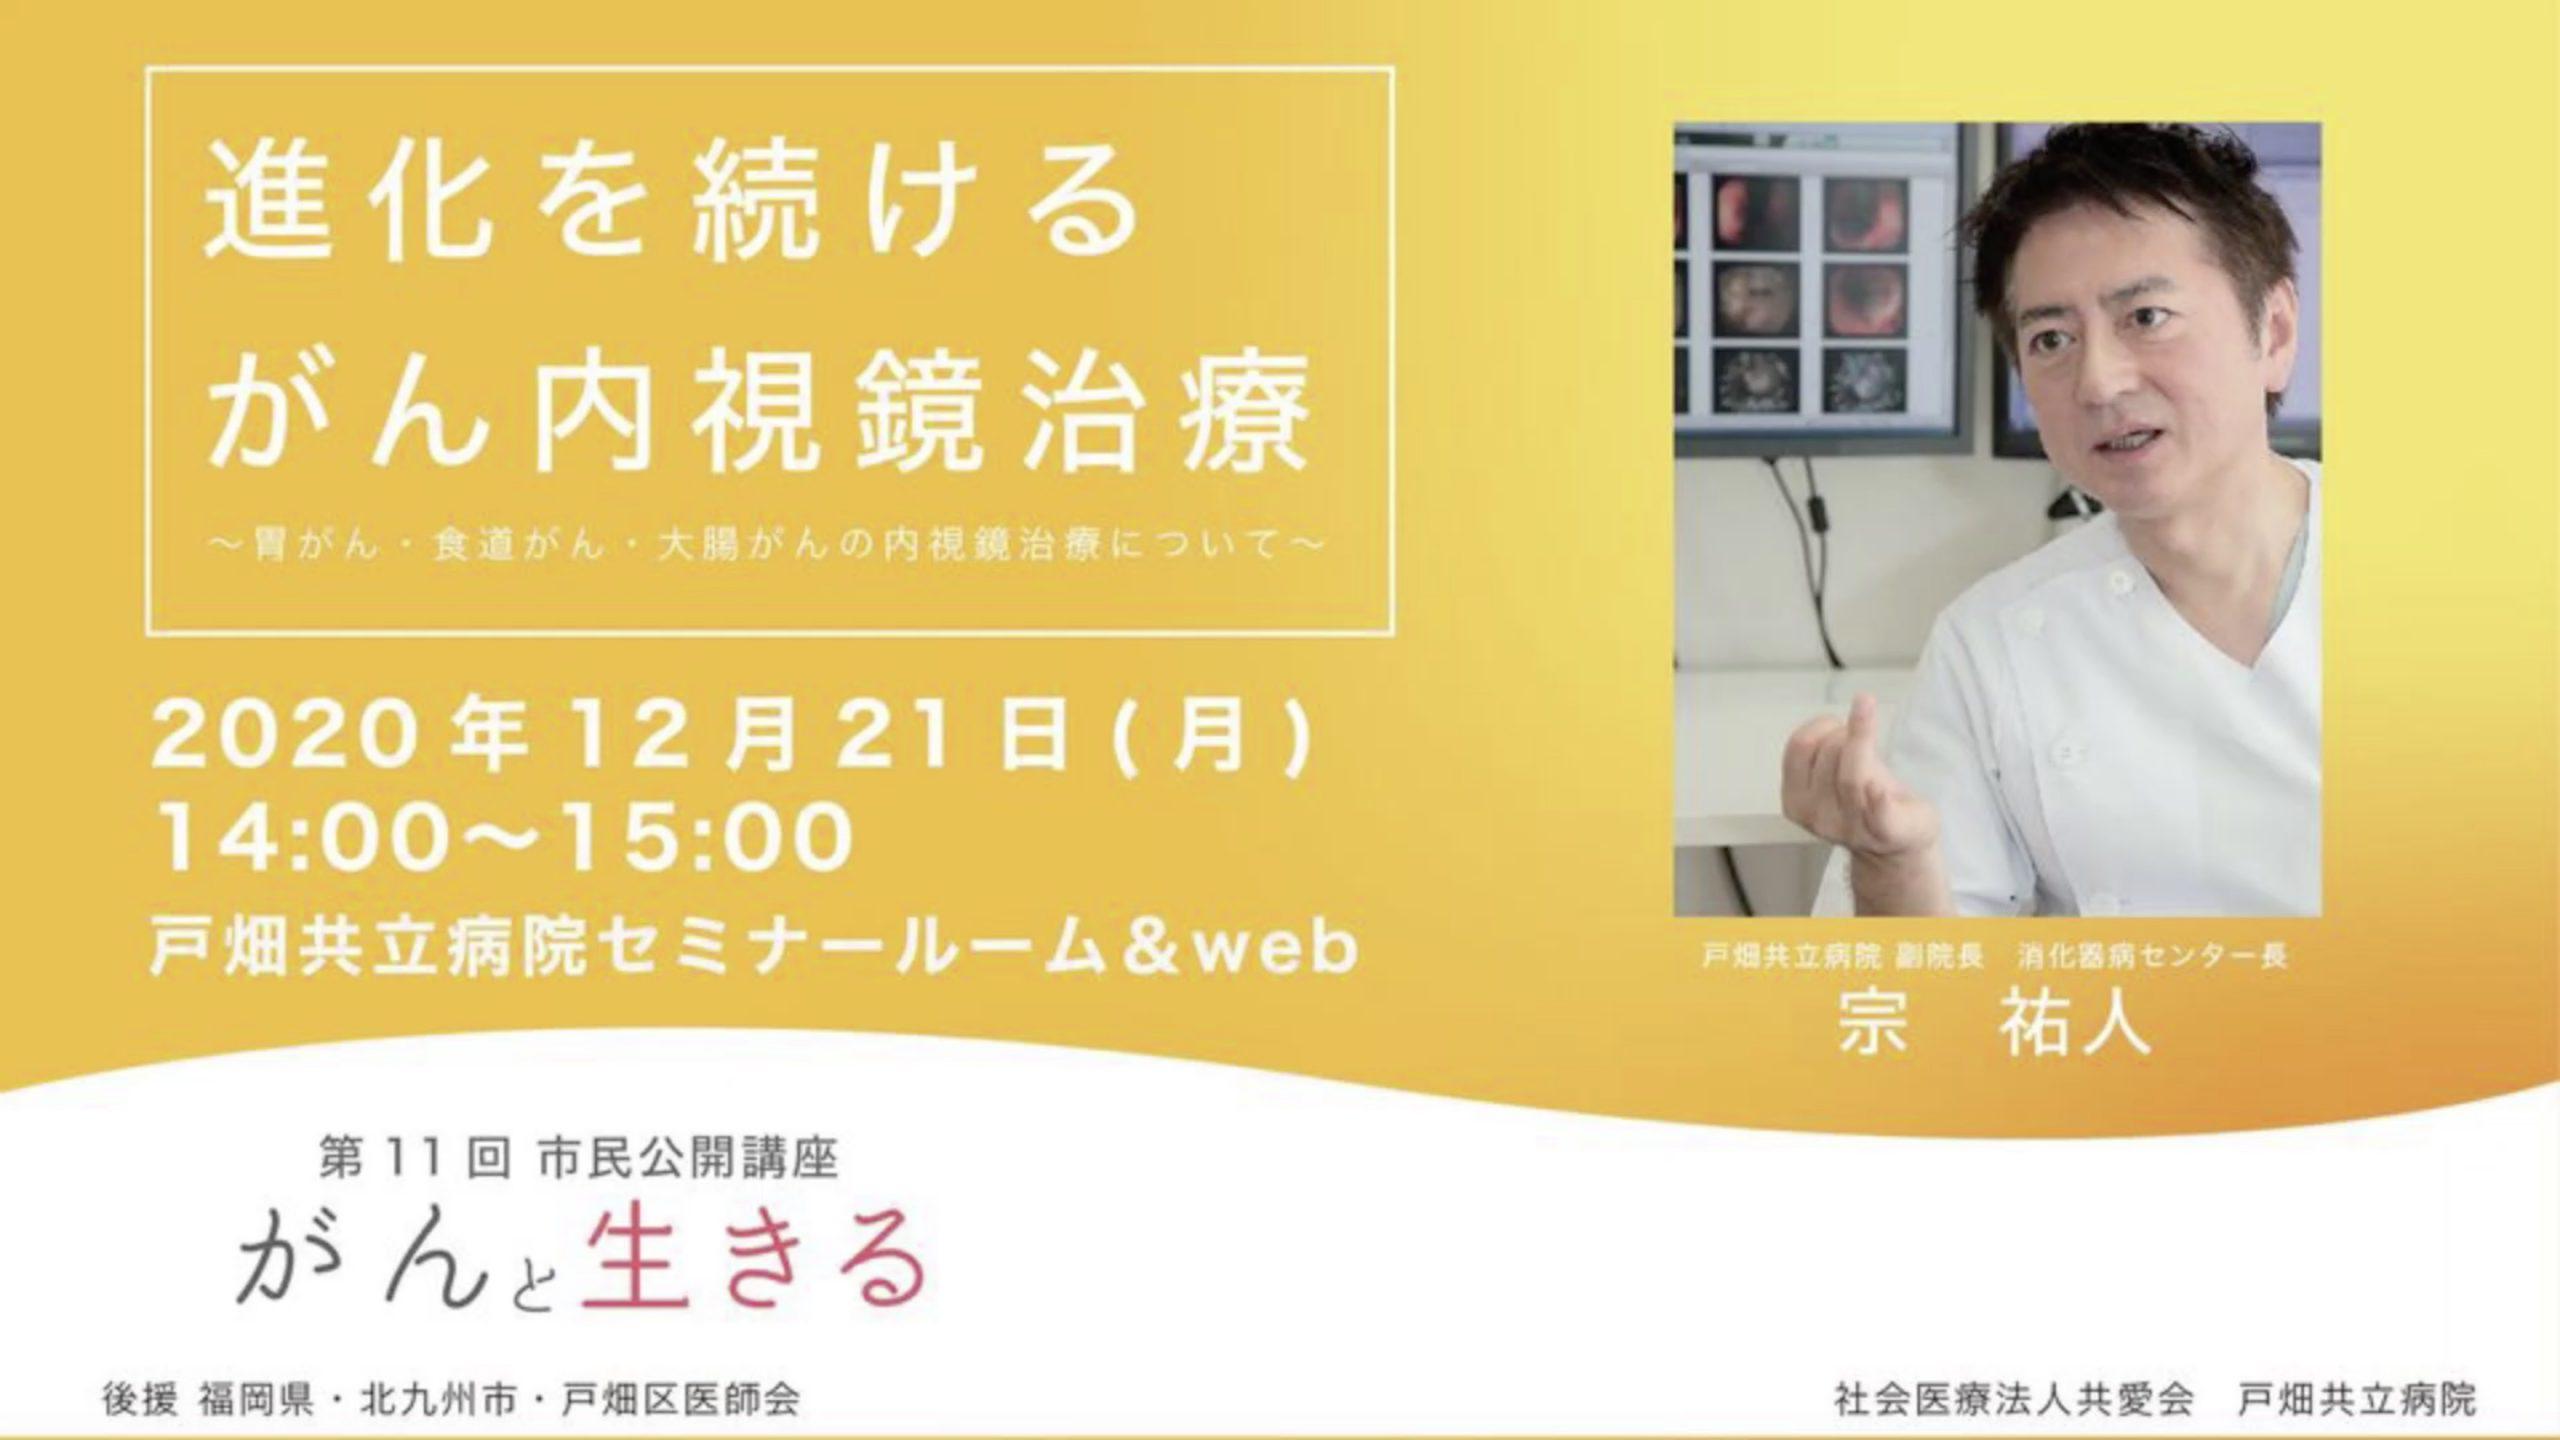 第11回市民公開講座「進化を続けるがん内視鏡治療」を公開いたしました